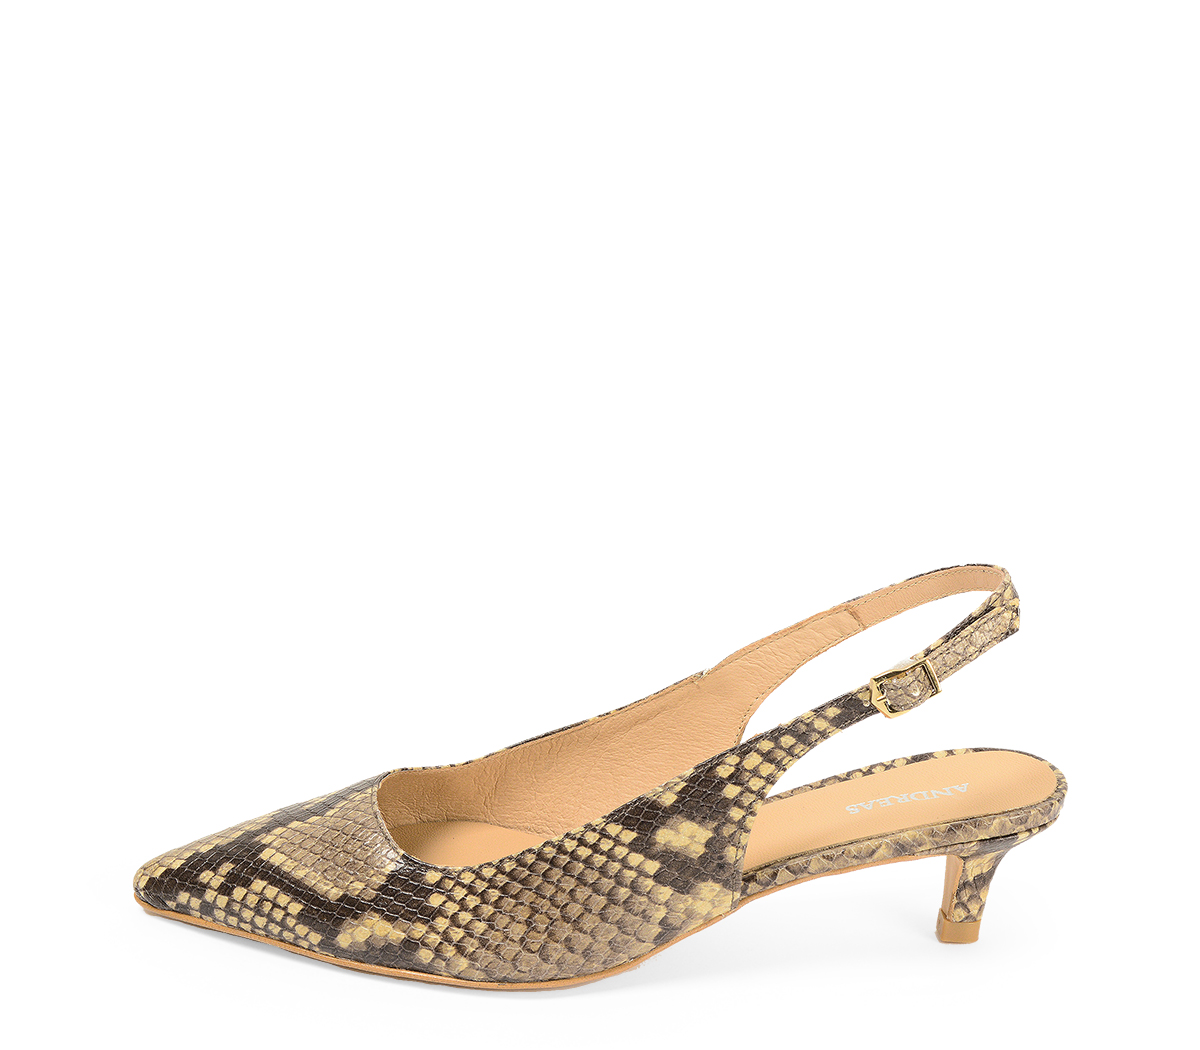 Ref. 4315 Zapato salón piel beige con grabado serpiente. Detalle hebilla lateral dorada. Puntera acabada en punta. Altura tacón 4.5 cm.